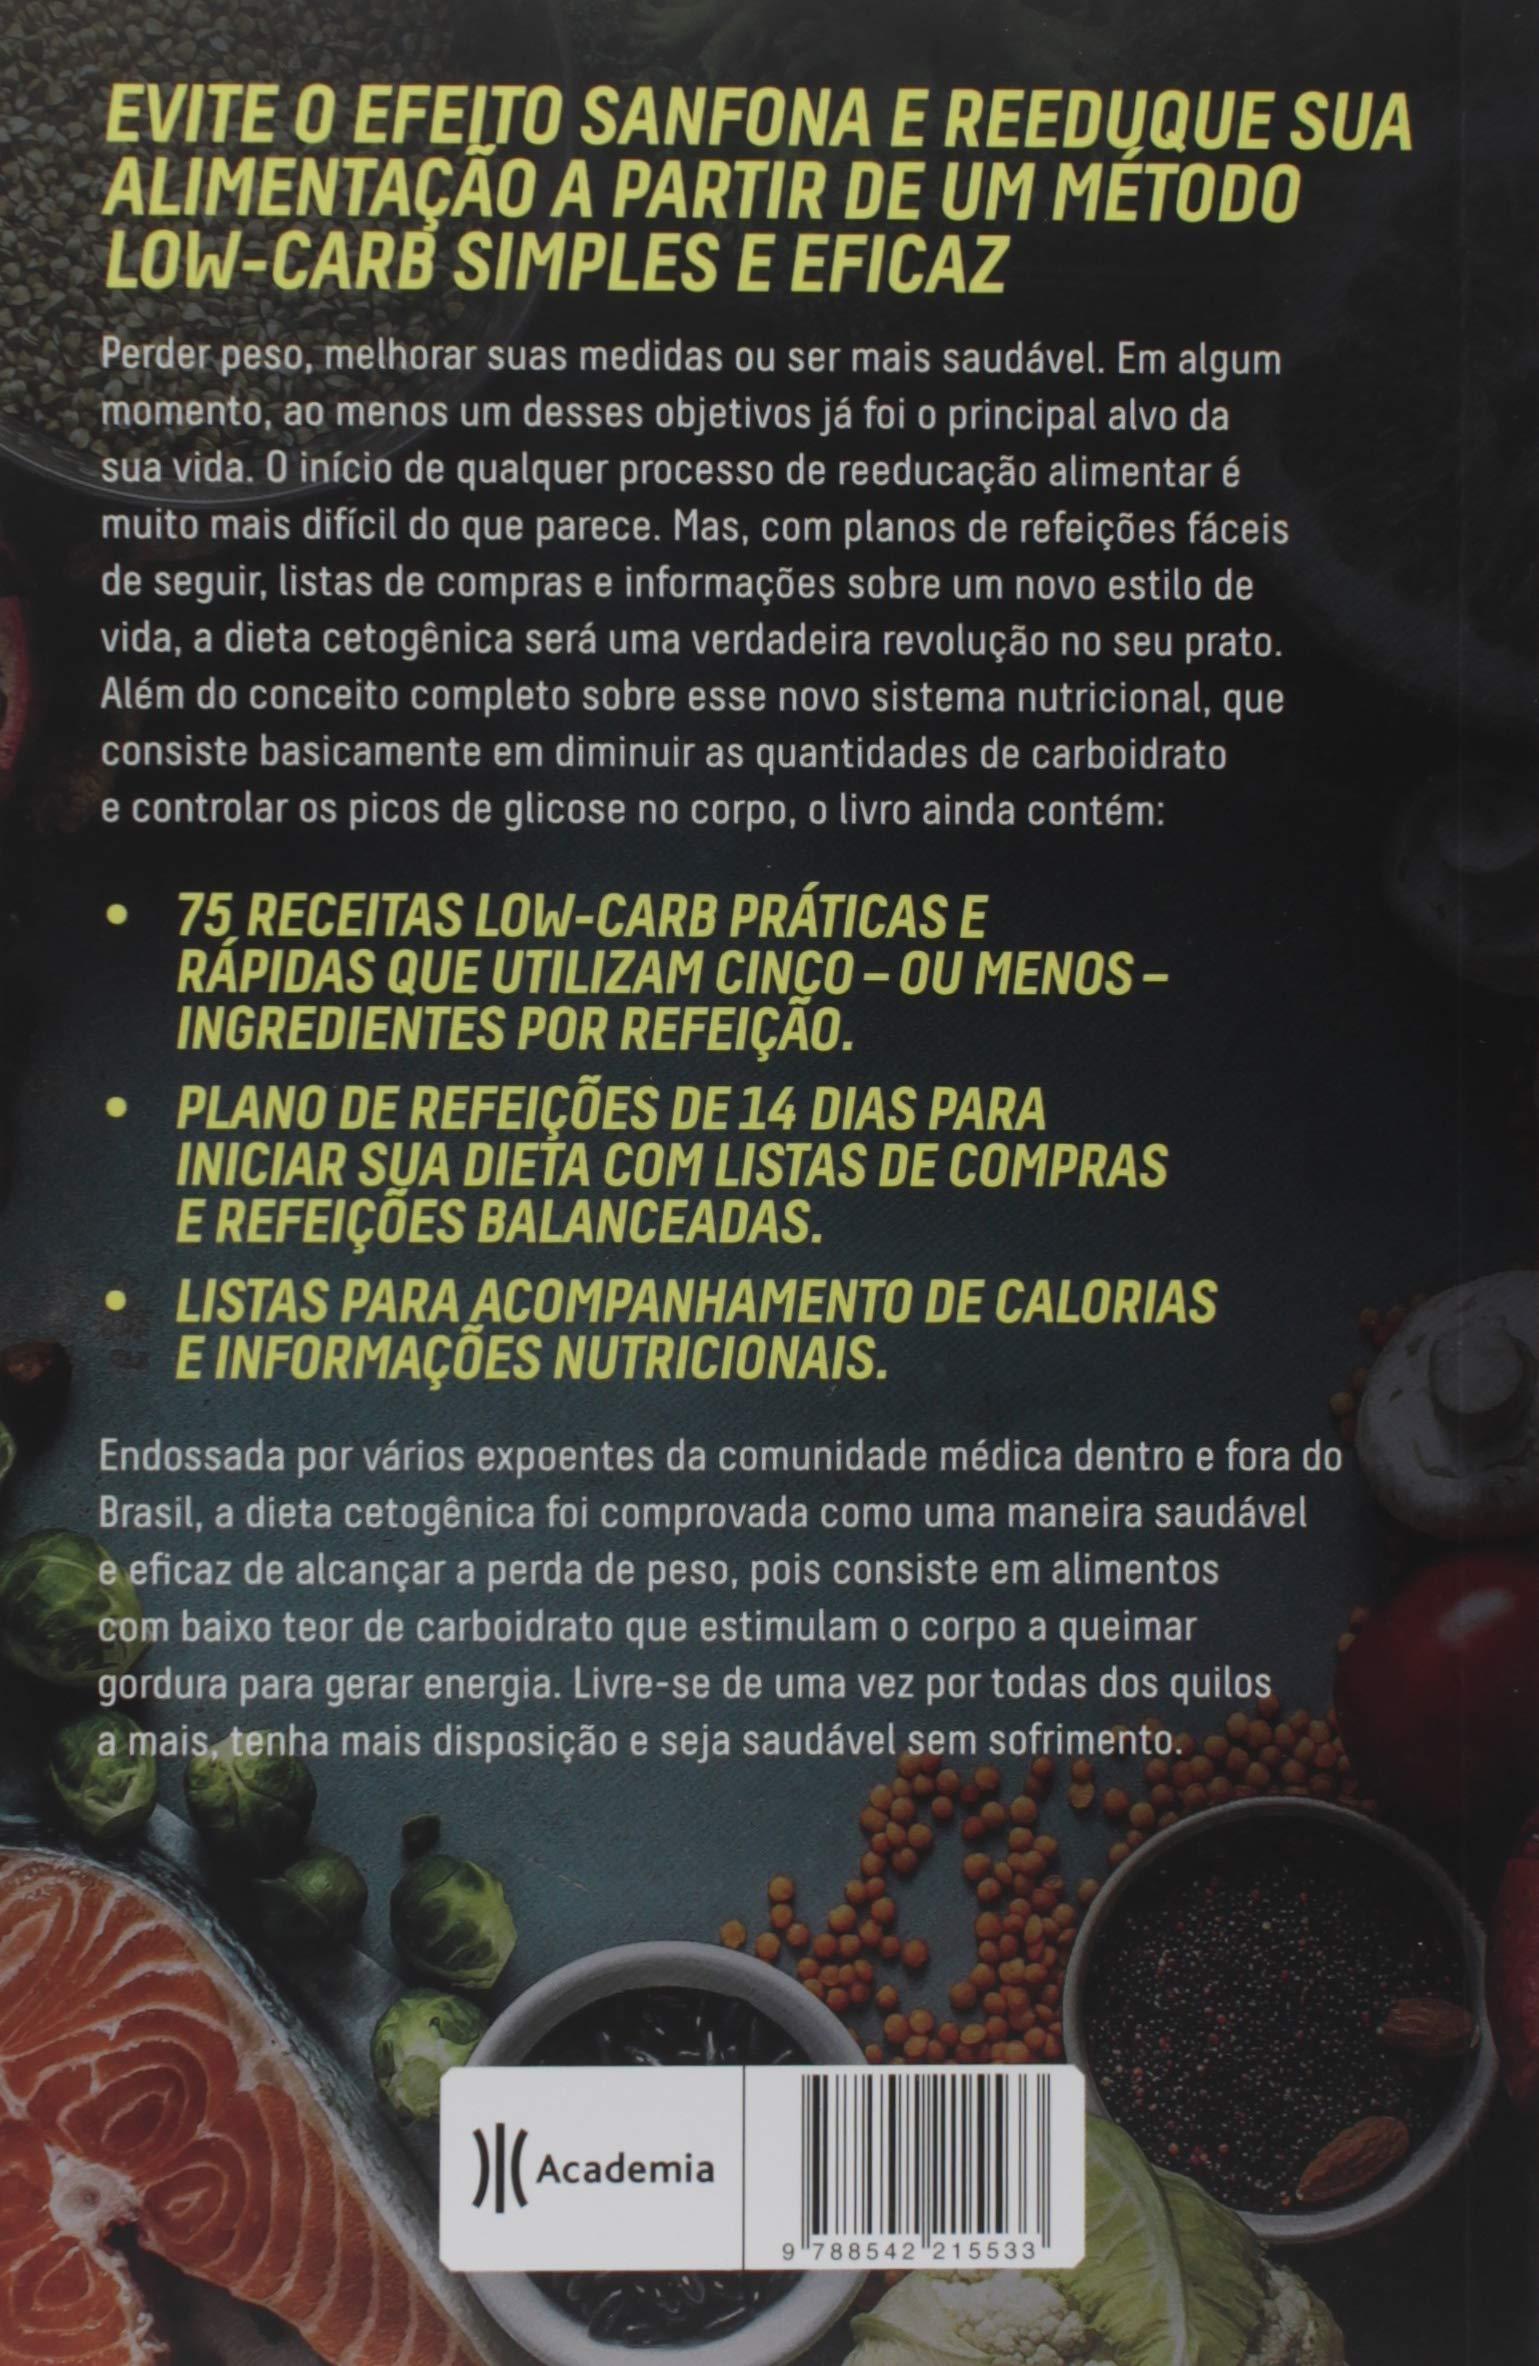 lista de compras da dieta low carb